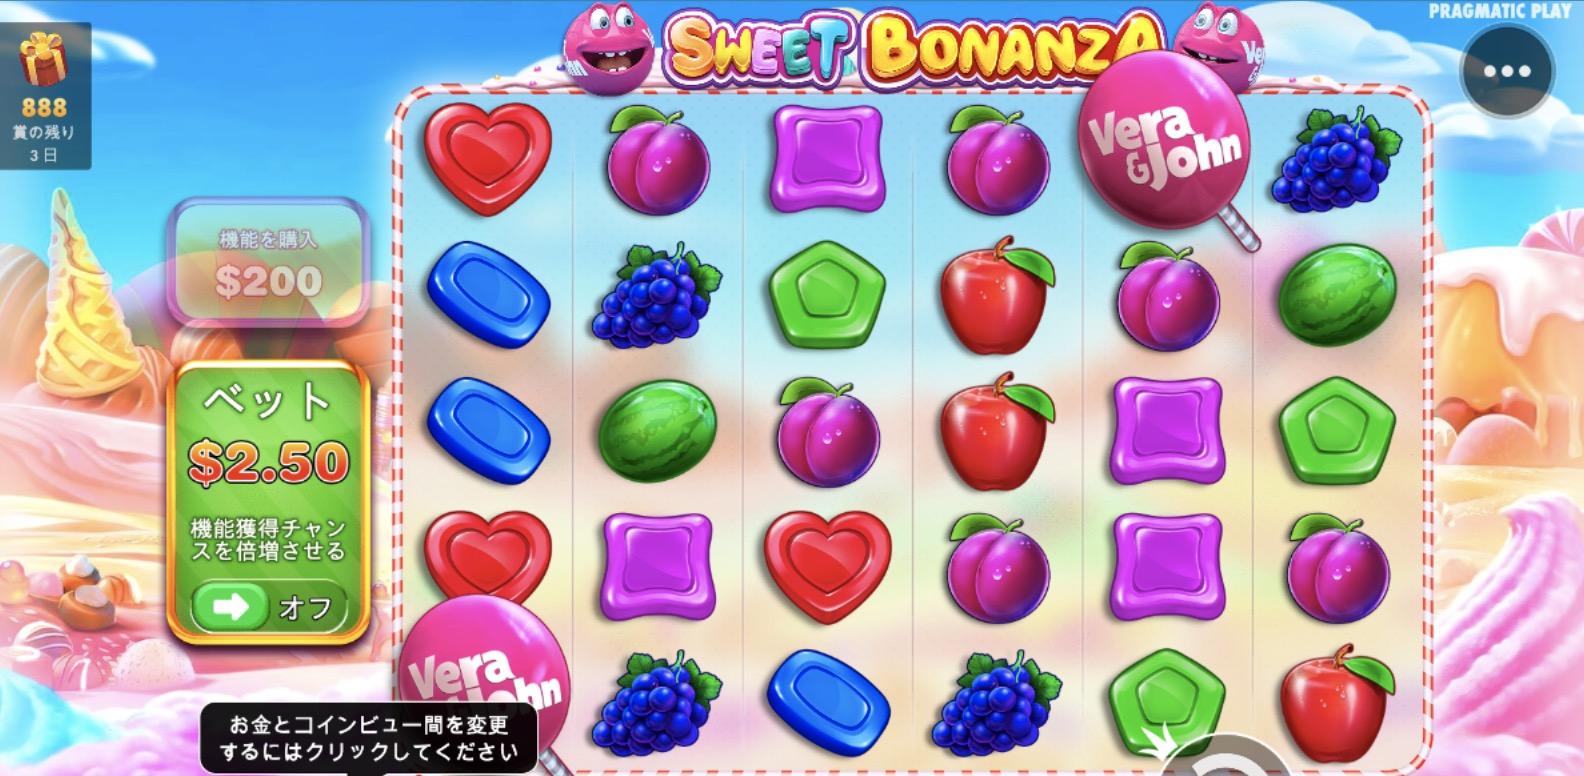 Sweet Bonanza Verajohn(スィートボナンザ ベラジョン)の基本スペックや平均ペイアウト率は?